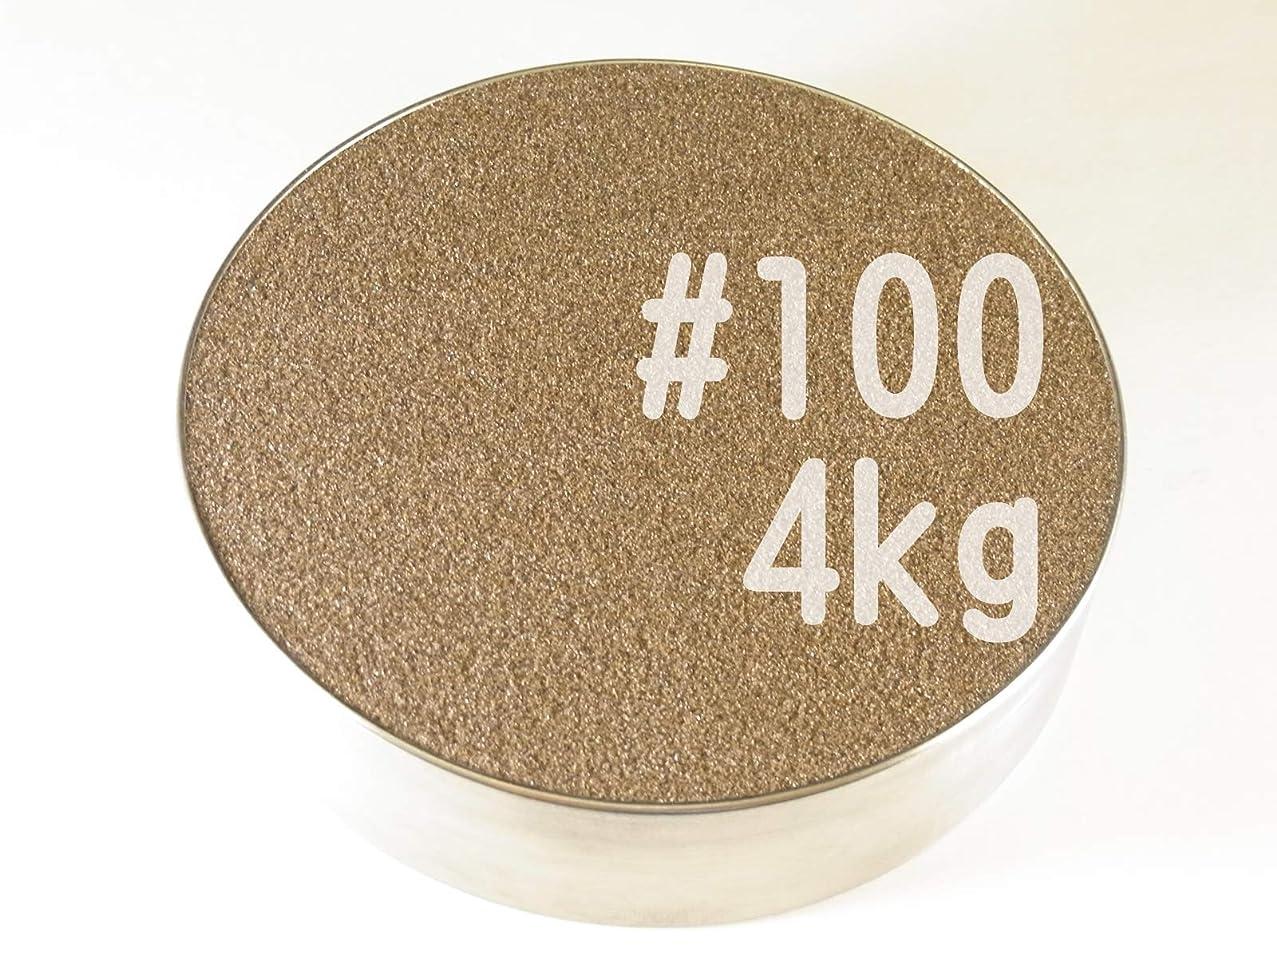 分解する運命的なナプキン#100 (4kg) アルミナサンド/アルミナメディア/砂/褐色アルミナ サンドブラスト用(番手サイズは7種類から #40#60#80#100#120#180#220 )